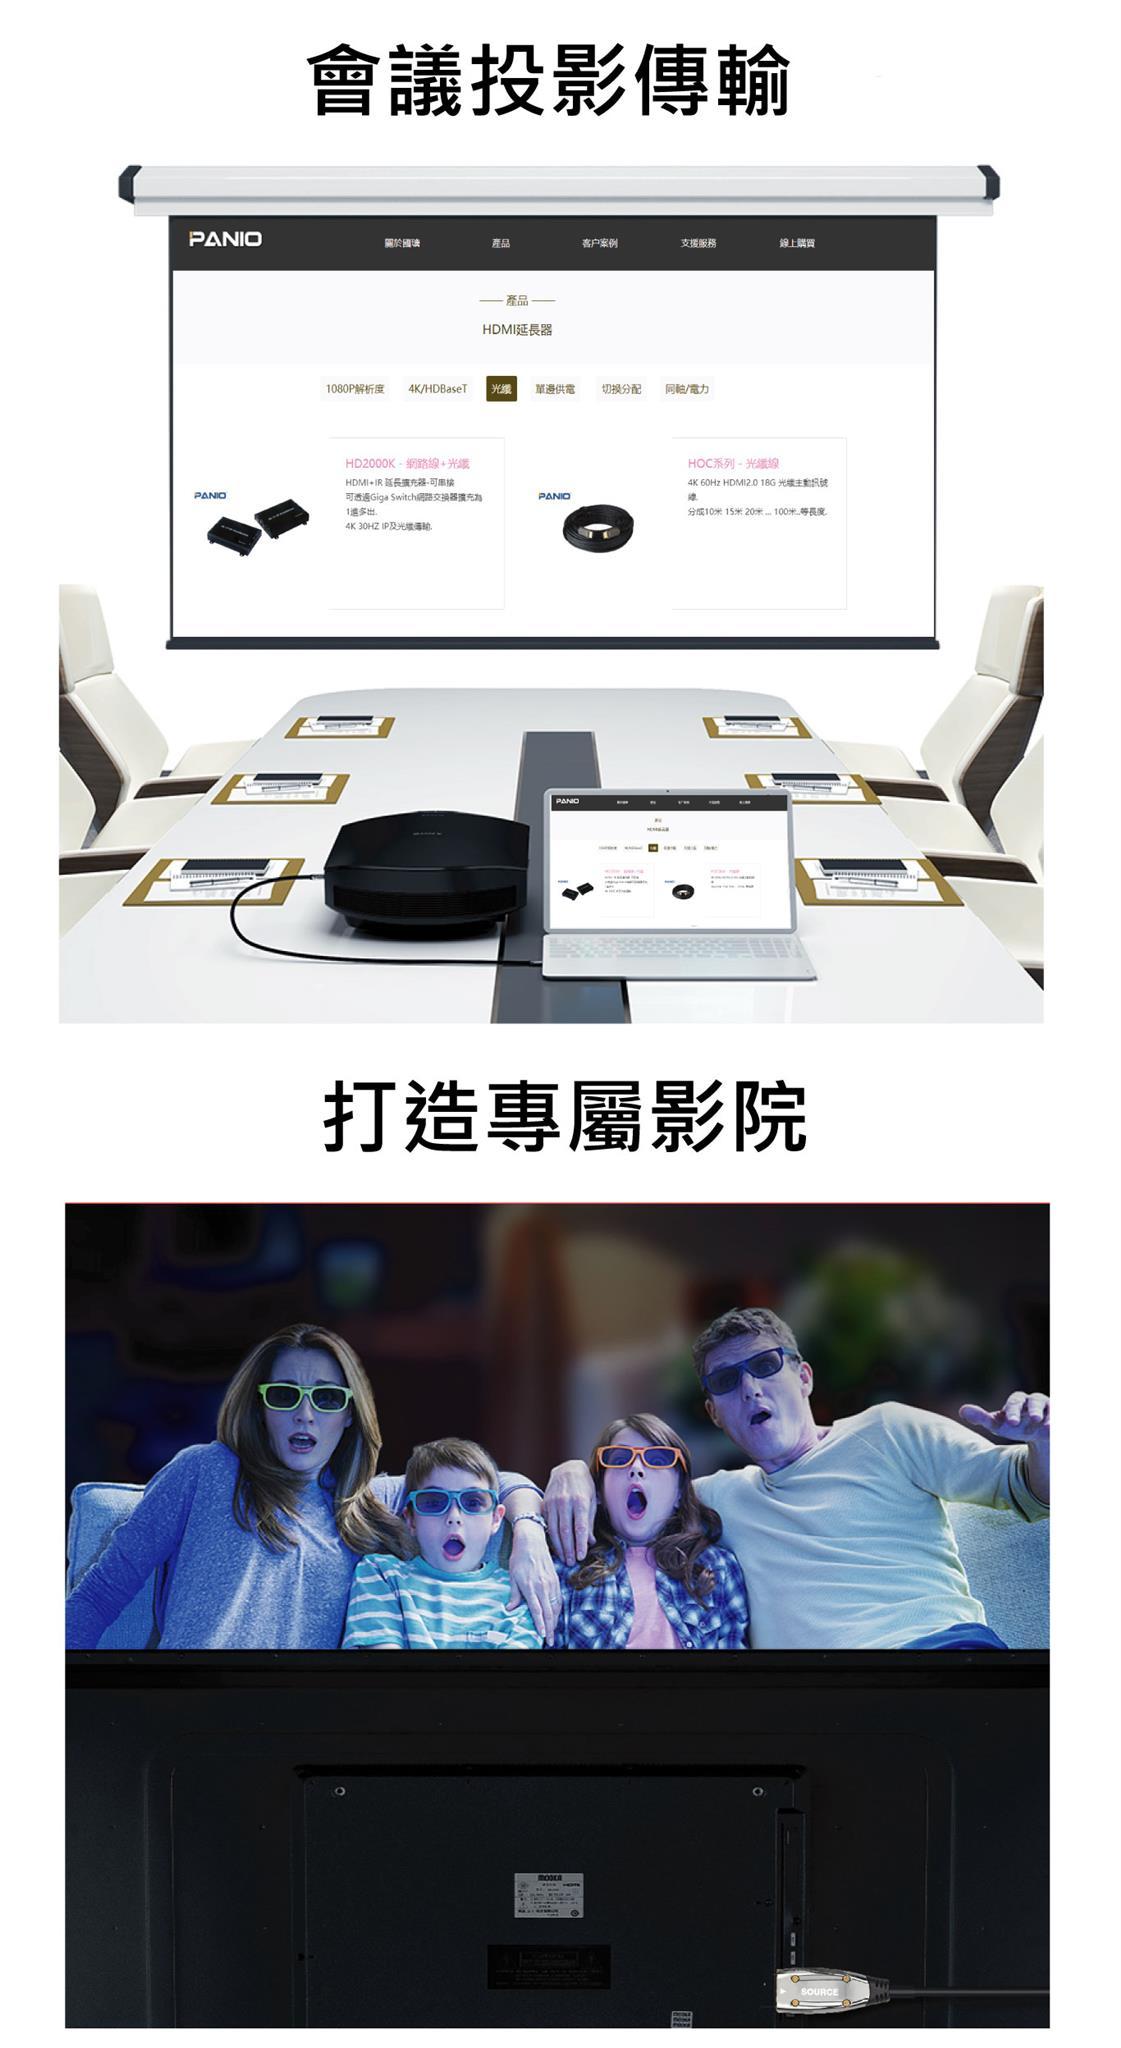 HDMI2.0光纖線|台灣PANIO國瑭